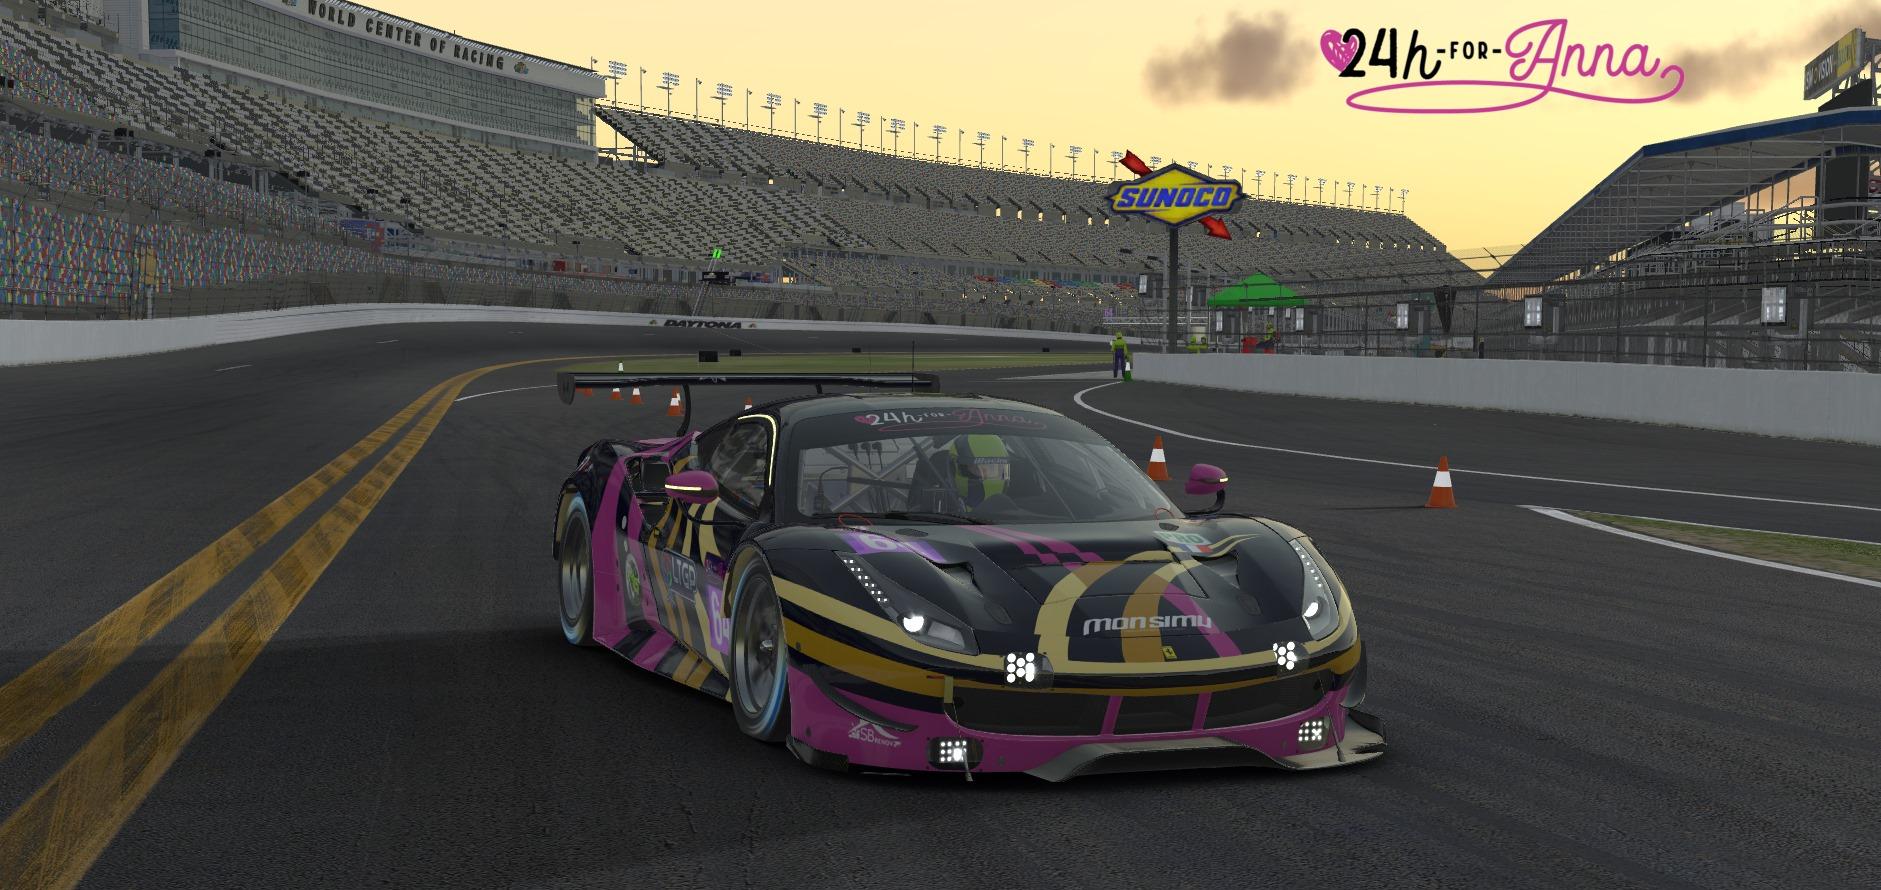 Ferrari GTE 24h For Anna